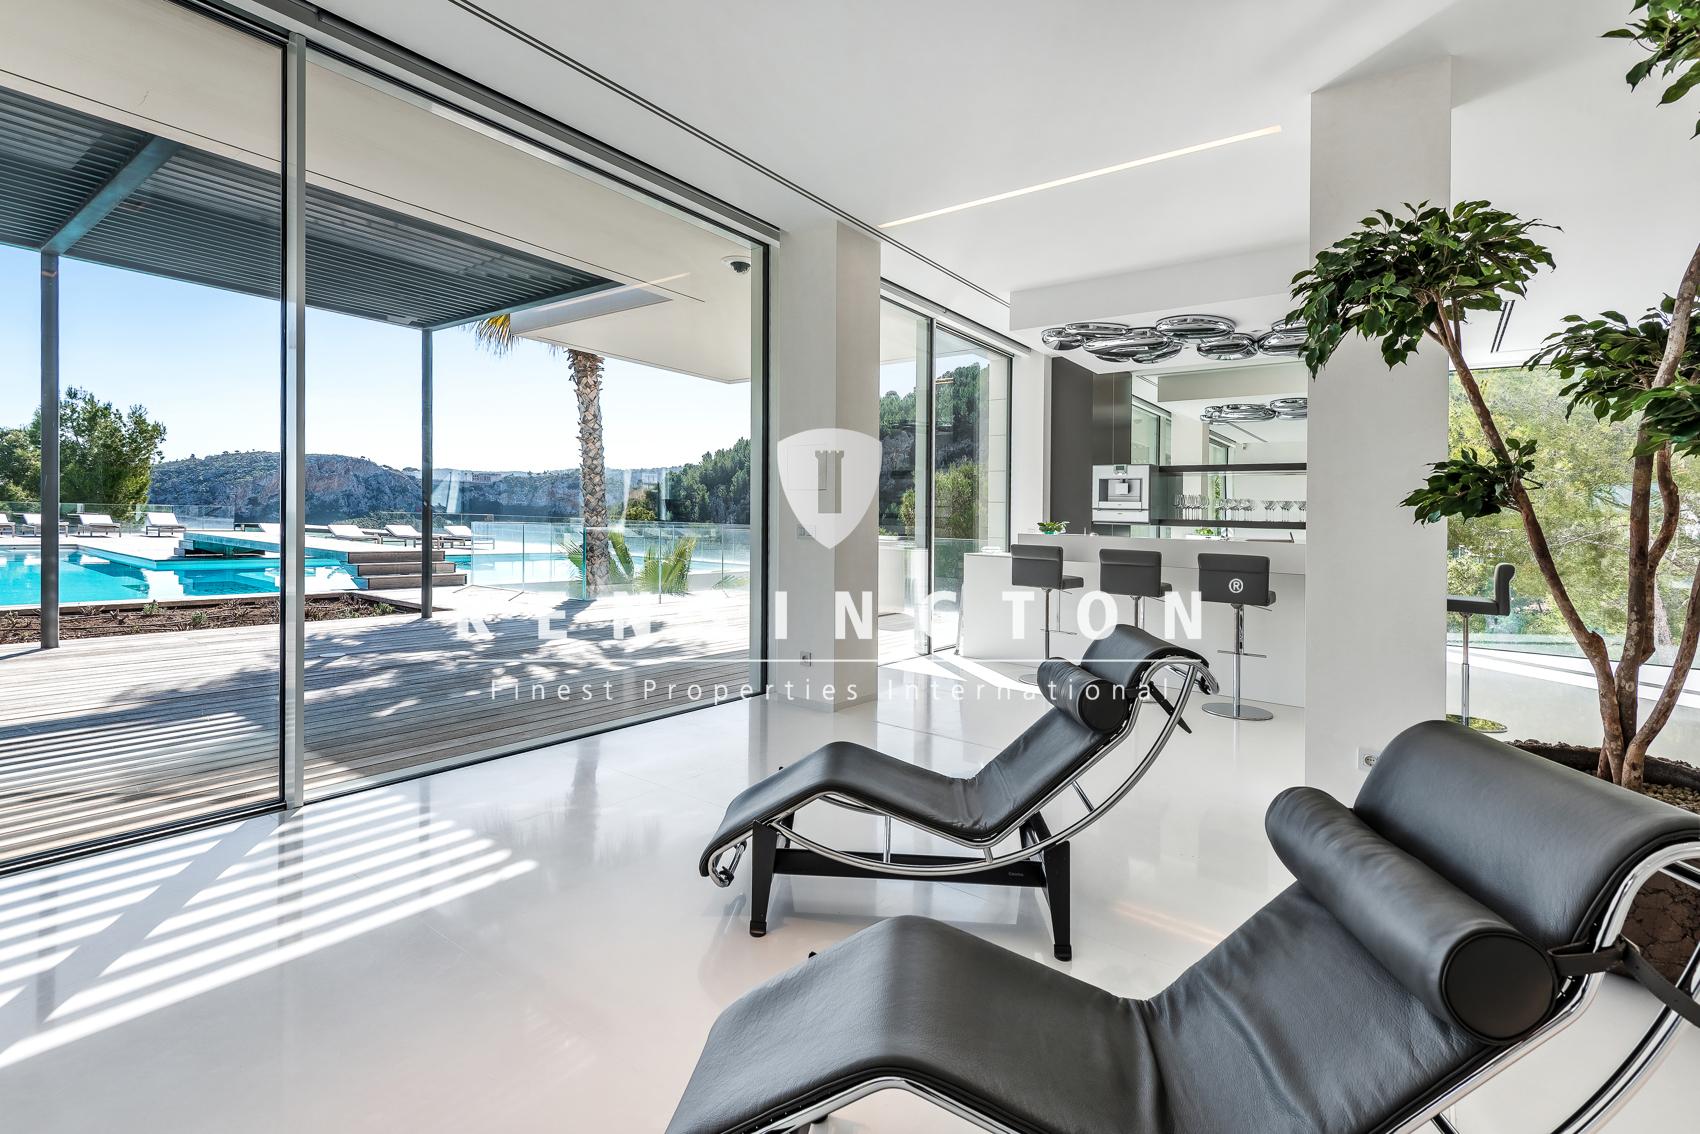 Casa de luxo em Maiorca